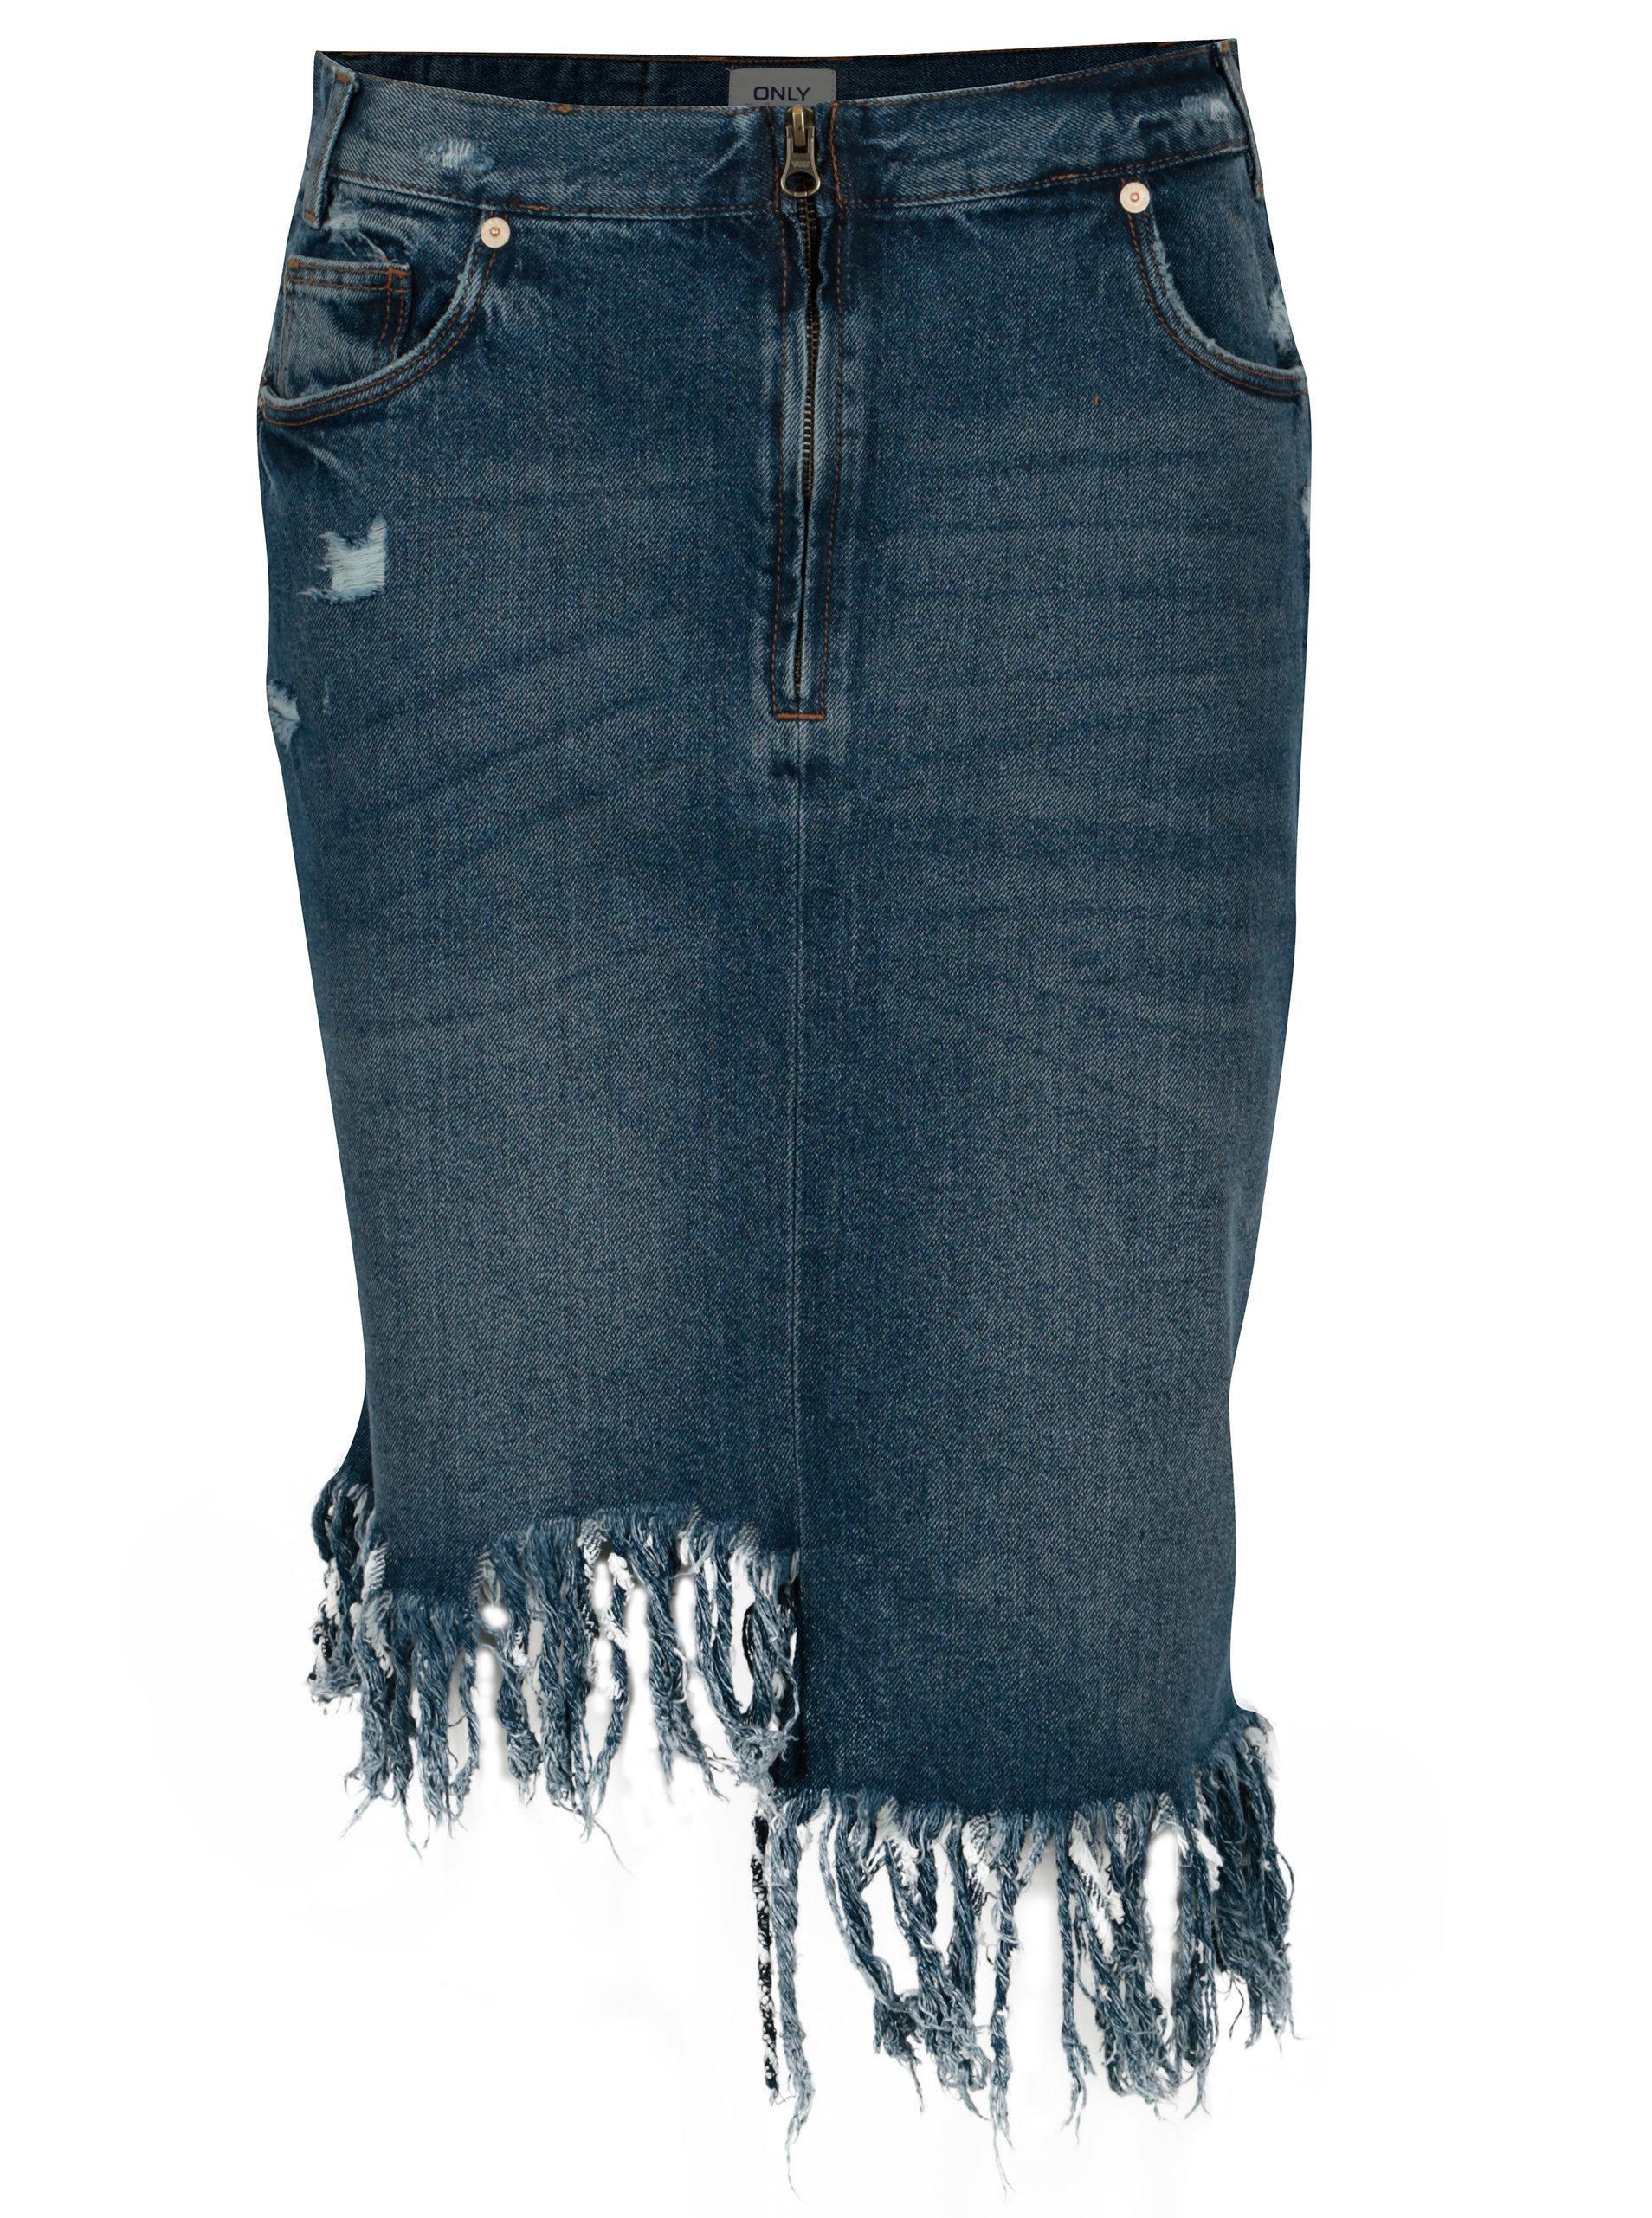 Modrá asymetrická džínová sukně s třásněmi ONLY Summer ... 043412082e